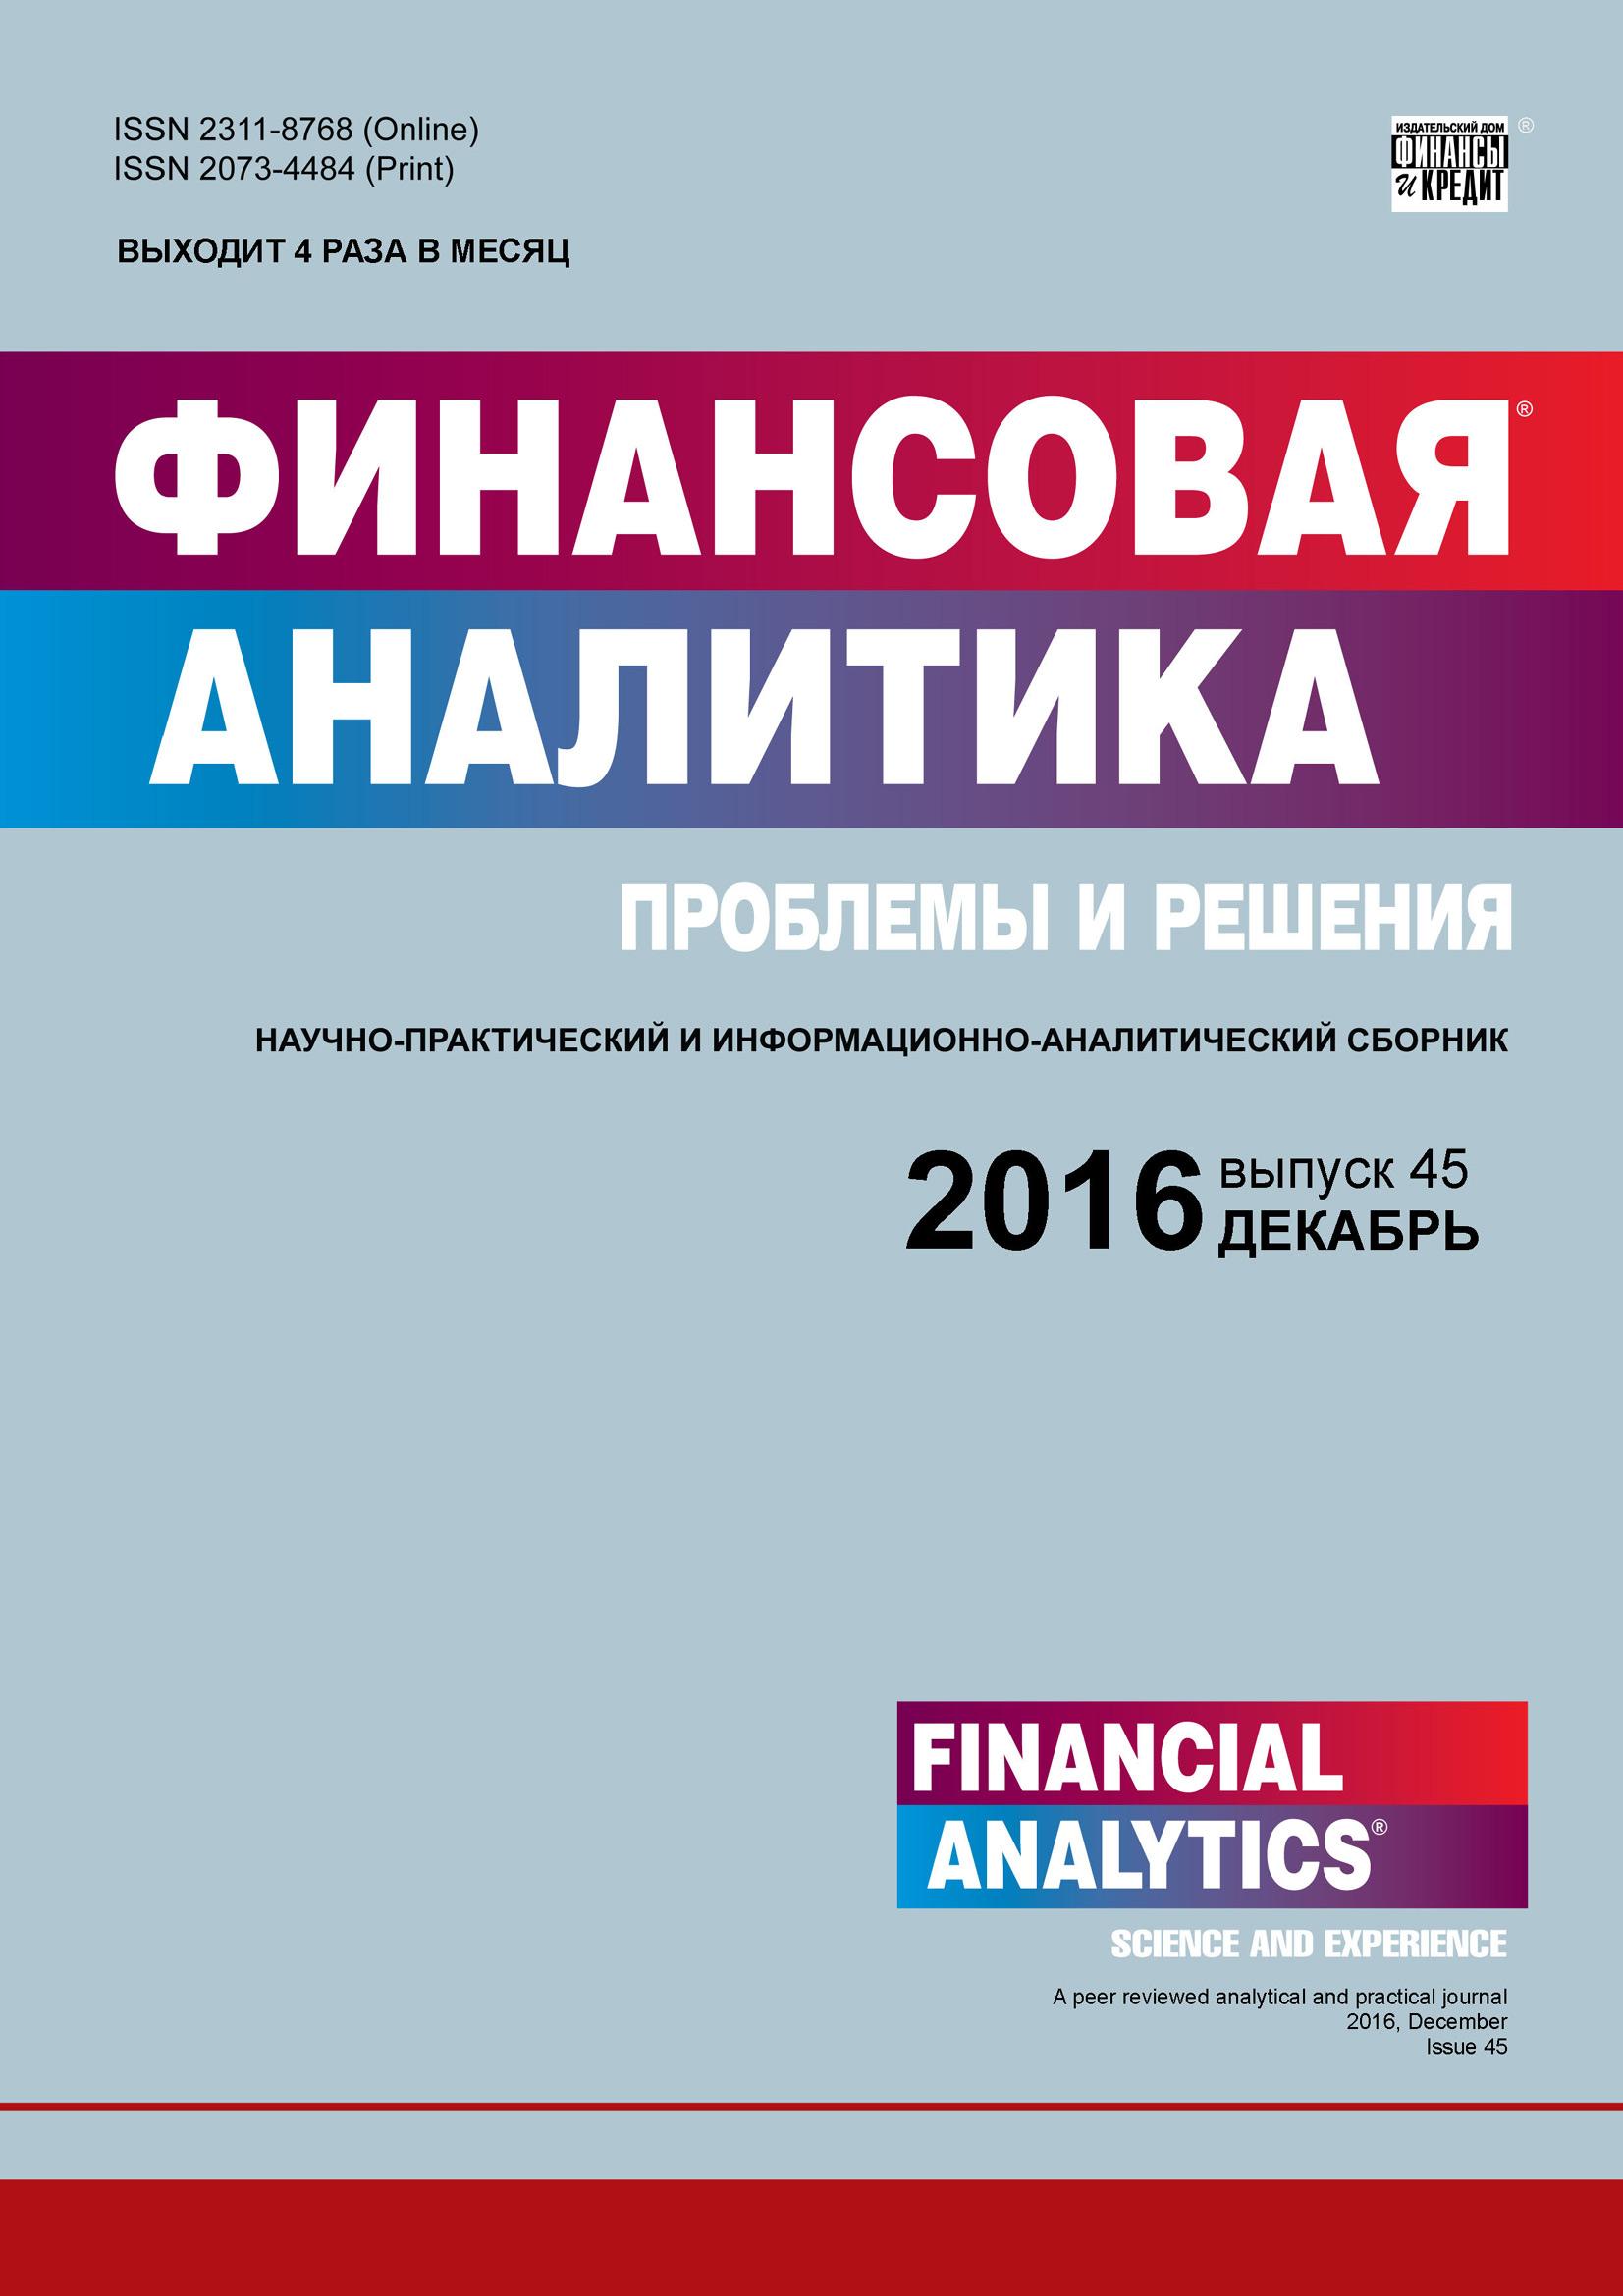 Финансовая аналитика: проблемы и решения № 45 (327) 2016